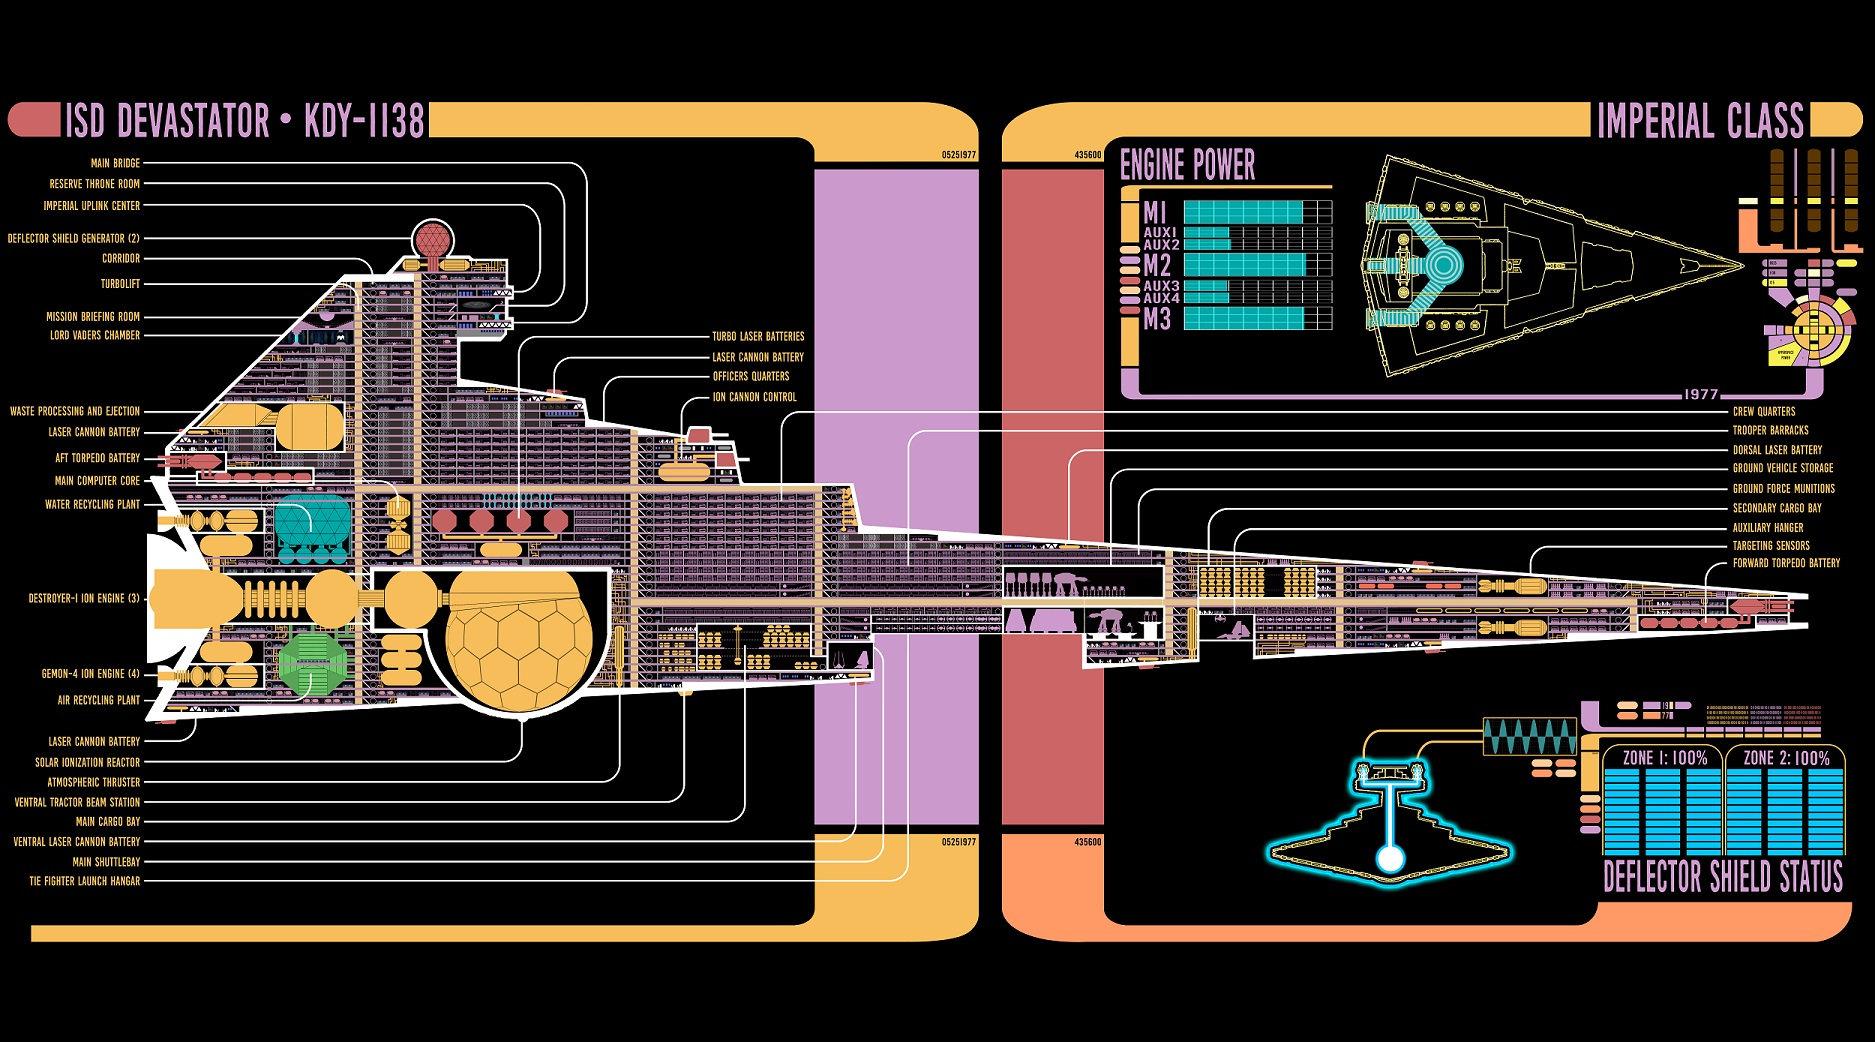 Imperial Praetorian-cl Star Destroyer Schematic ... on